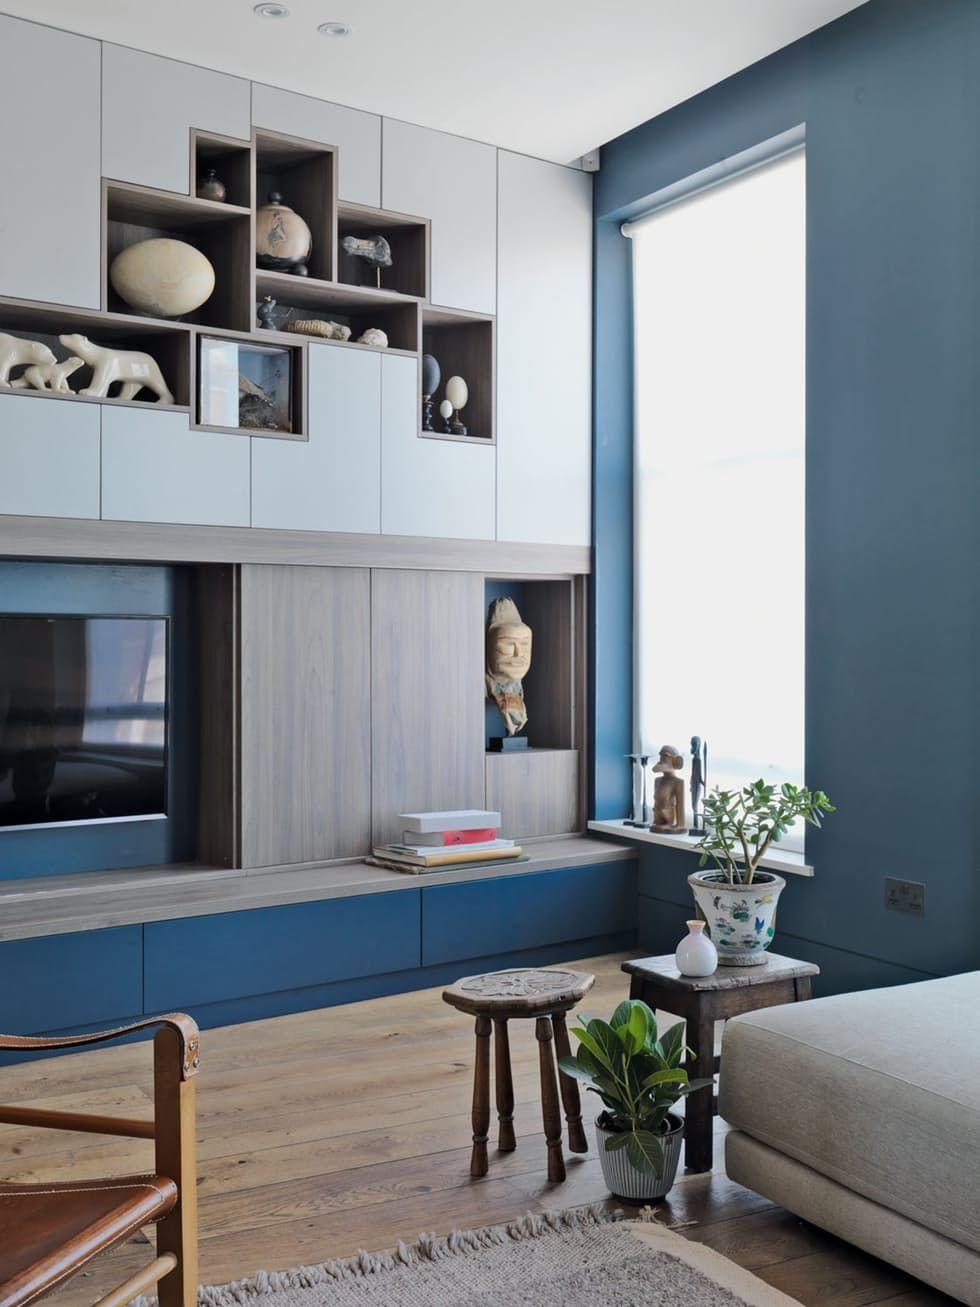 Maison Dans Le West End De Londreswa Storage Spaces  # Pan De Mur Avec Tv